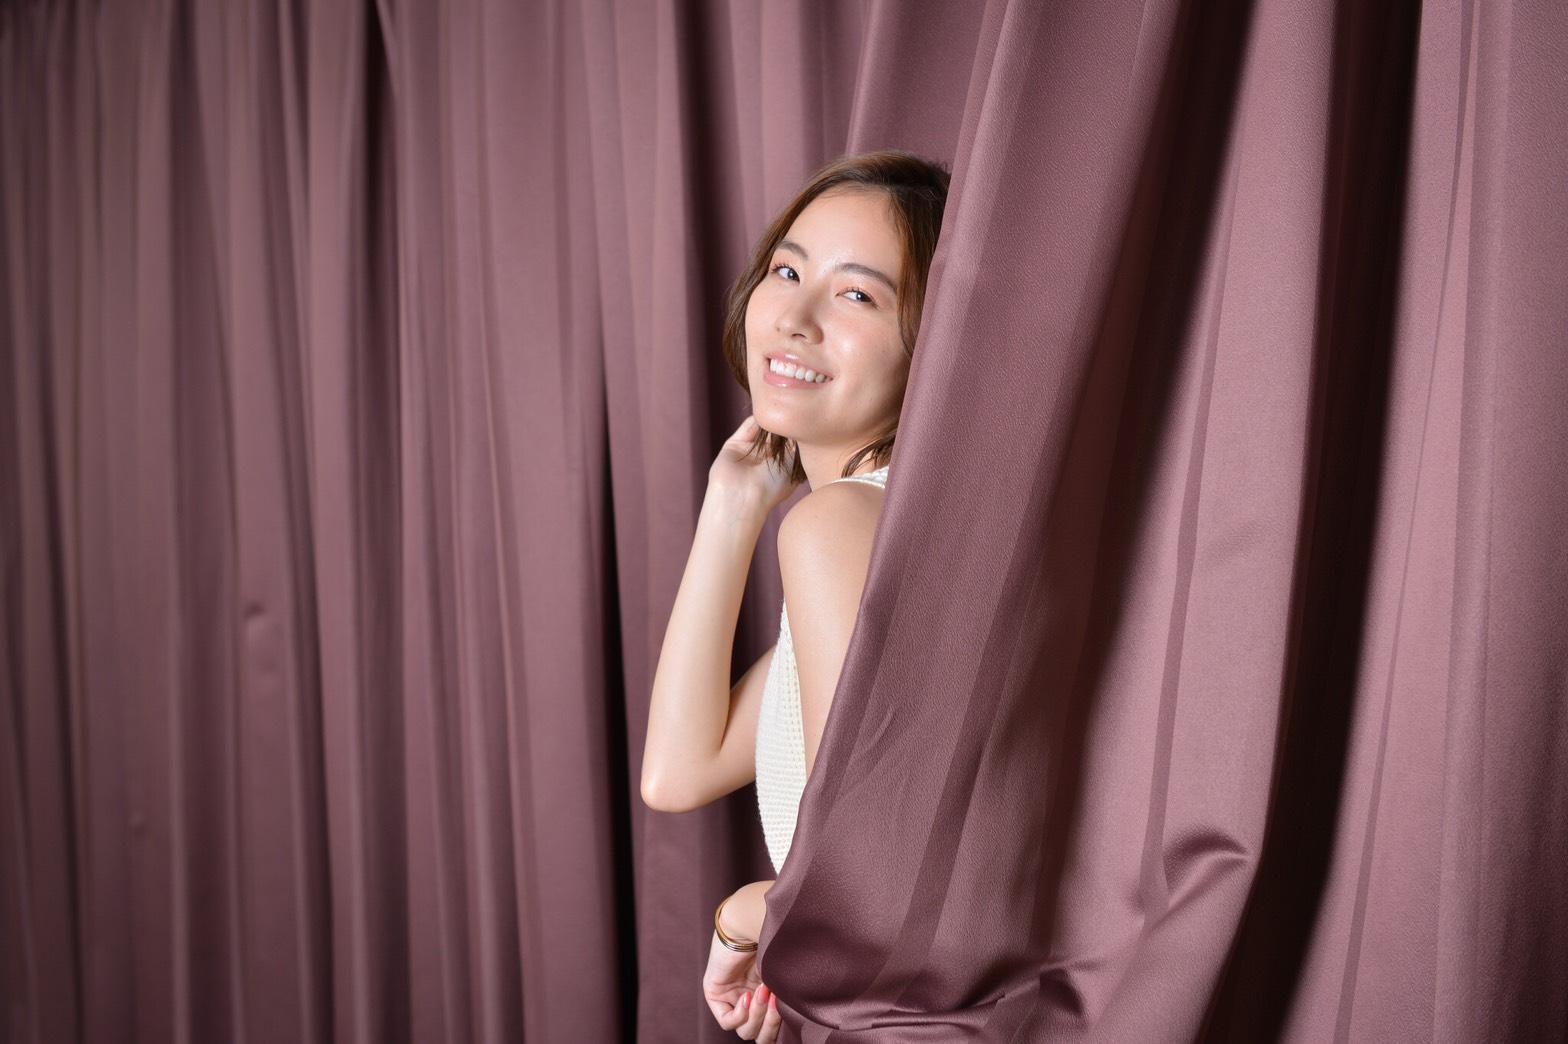 「人生は一度きりだから」松井珠理奈が2度の休養を経たからこそ得たものサムネイル画像